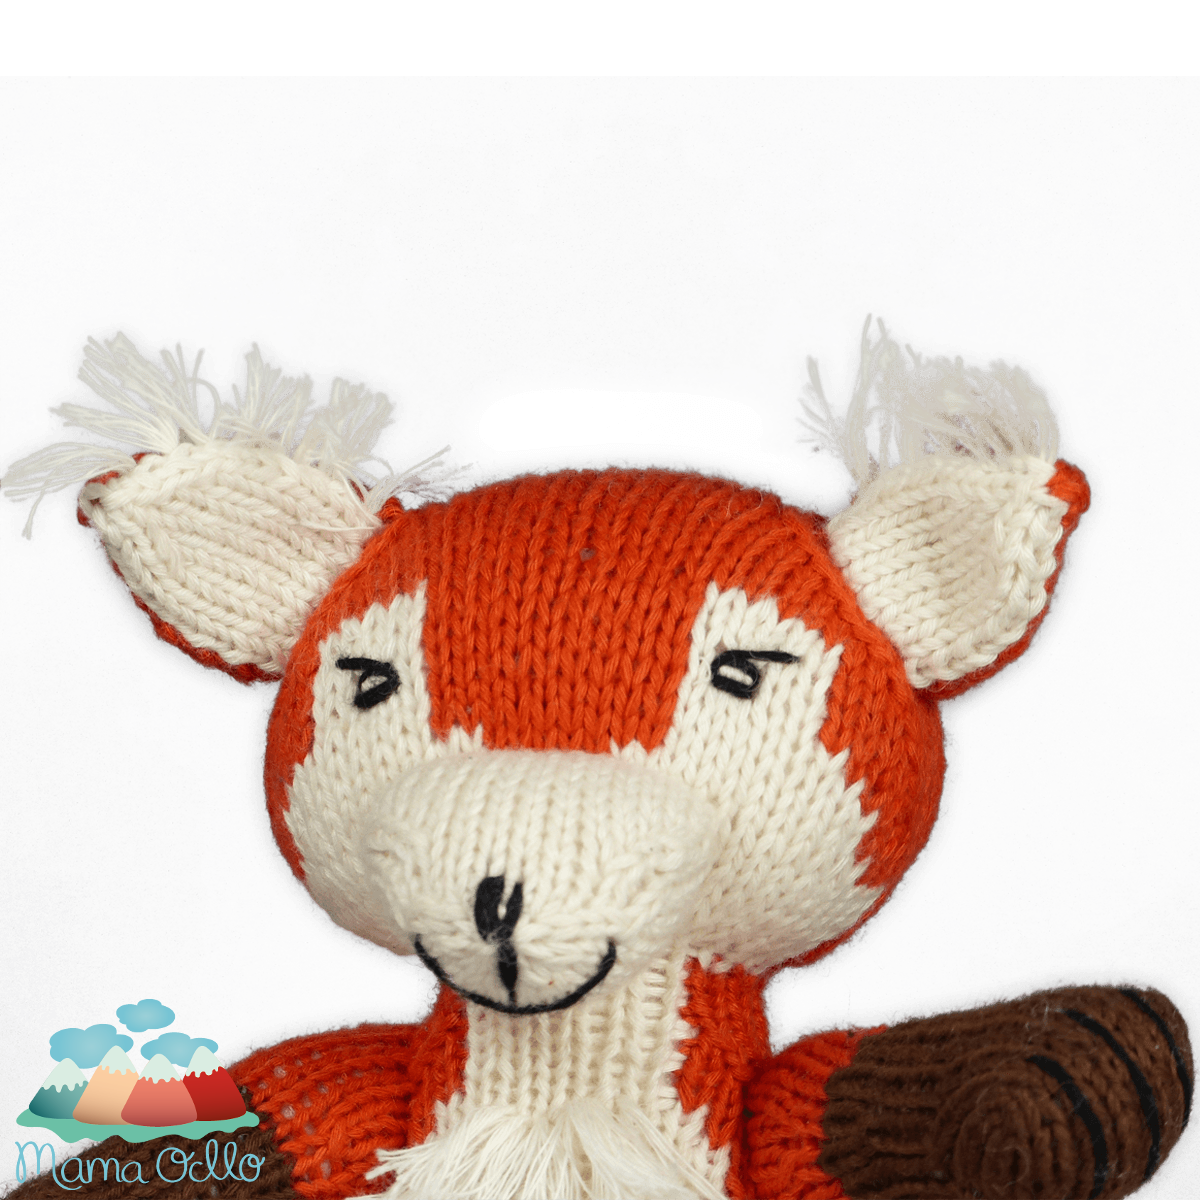 Neu | Kuscheltier Diego der Fuchs aus Bio-Baumwolle